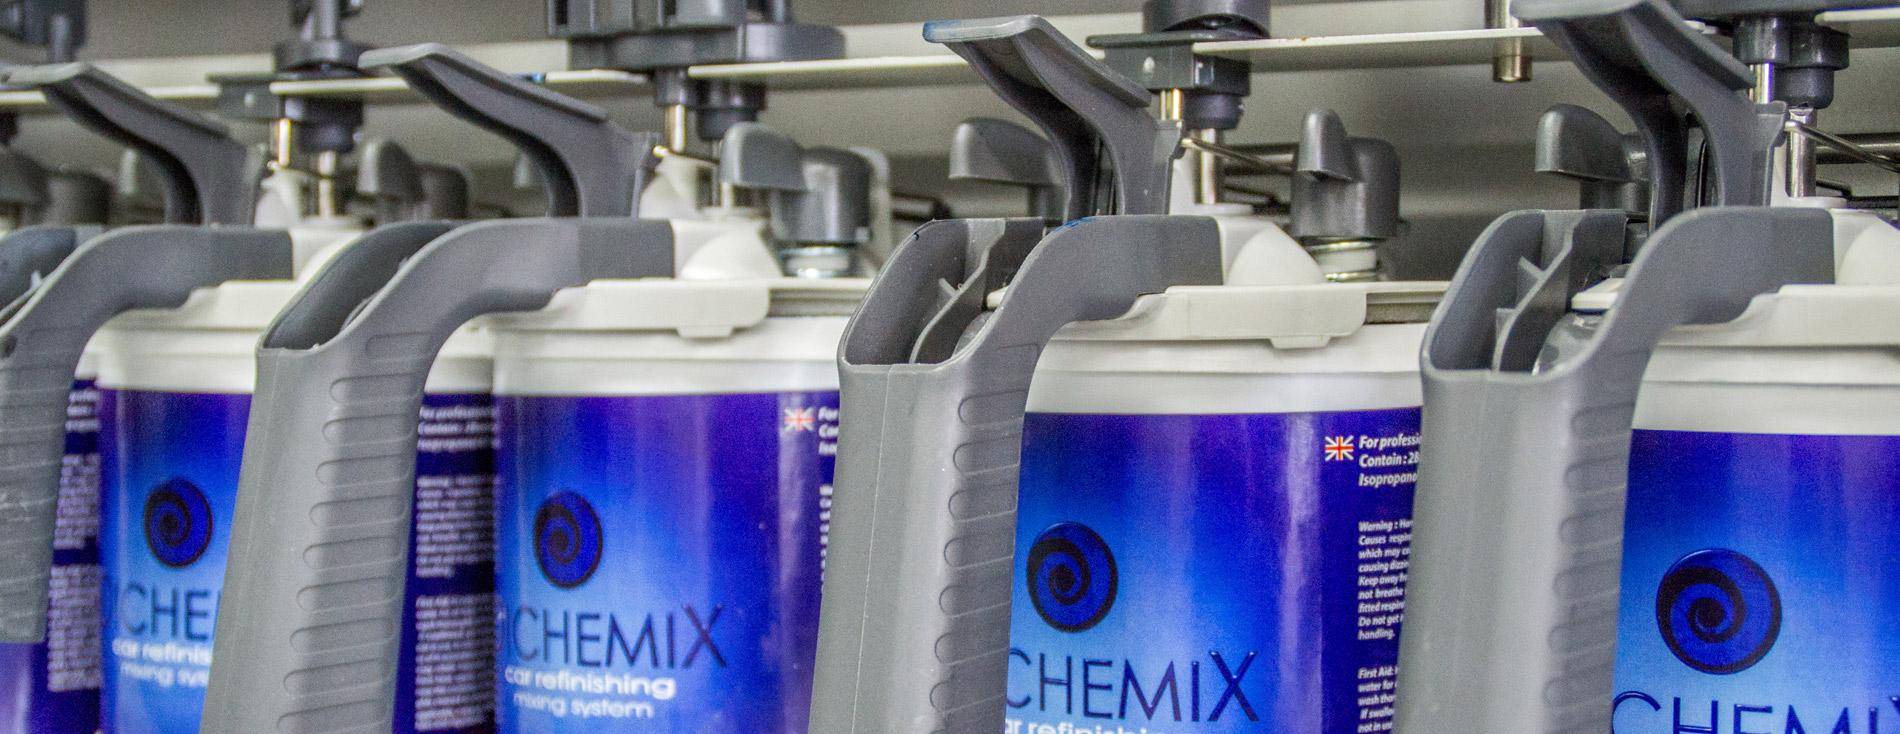 Dichemix - система подбора автокраски